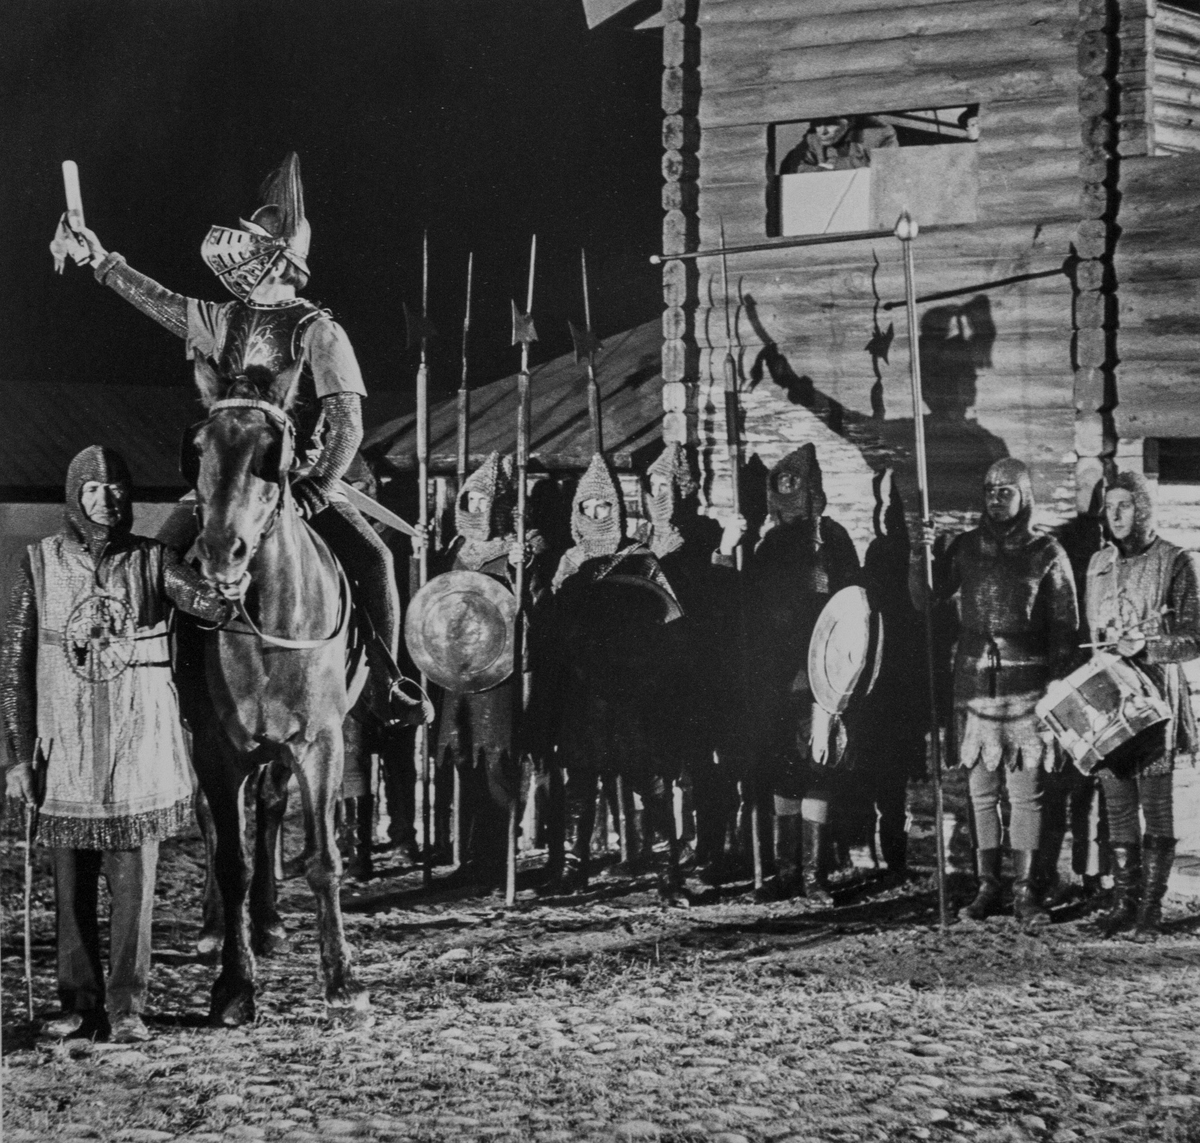 """En scen ur skådespelet Giv oss fred. En riddare, i rustning, till häst. Män med sköldar och hillebarder. Bredvid hästen står kusken Gustav Jansson. """"Giv oss fred"""", även kallat """"Arbogaspelet"""", är ett teaterstycke skrivet av Rune Lindström 1961. Handlingen, som är inspirerad av Arbogas klosterhistoria, är förlagt till början av 1500-talet. Uruppförandet skedde den 11 augusti 1962 och Rune Lindström spelade Engelbrekt Gertsson. Lions Club i Arboga stod för arrangemanget. Föreställningarna regnade bort och det blev ett stort ekonomiskt bakslag för föreningen. Spelet har framförts igen; 1987, 1988, 2012 och 2015 av medlemmar i """"Bygdespelets Vänner""""."""